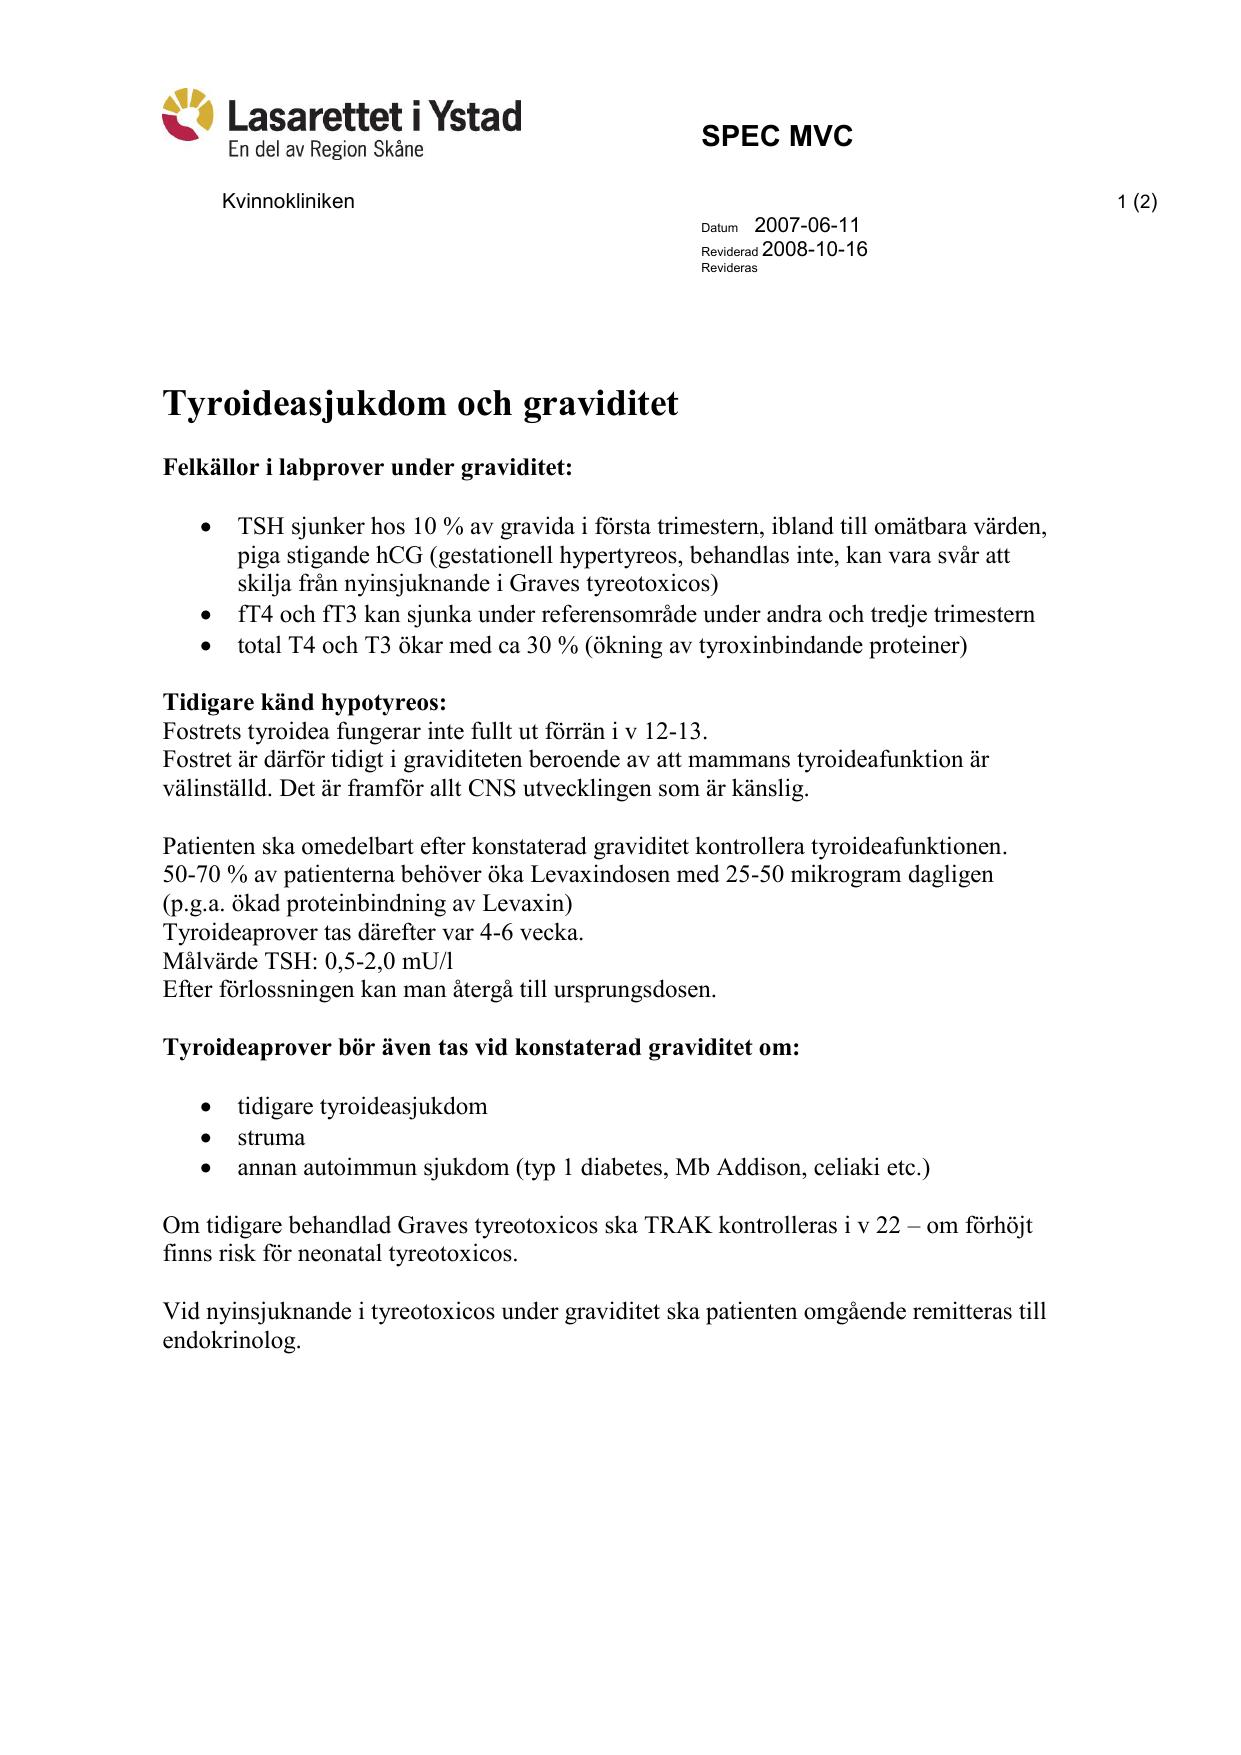 Tyroideasjukdom Och Graviditet